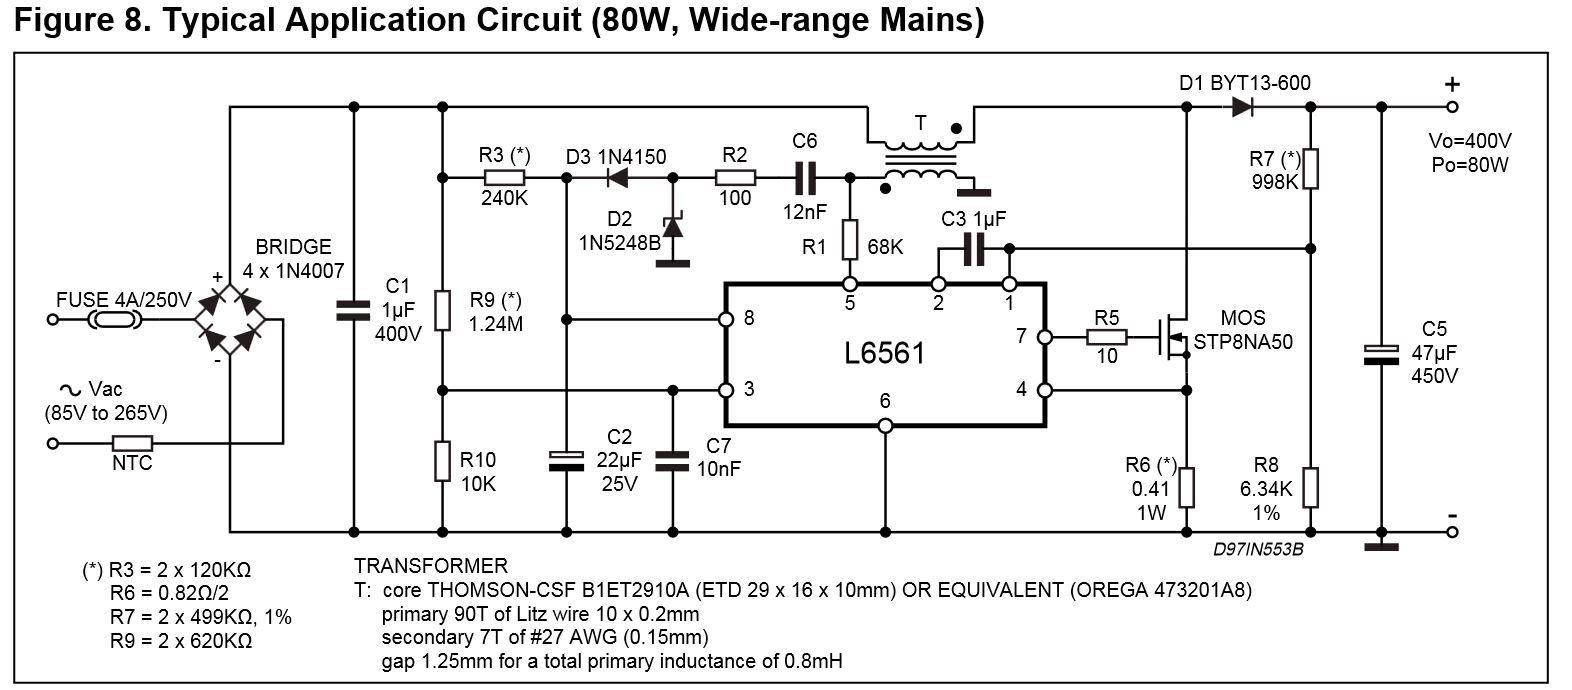 Корректор коэффициента мощности для ИБП on-line. Часть 6 - 2